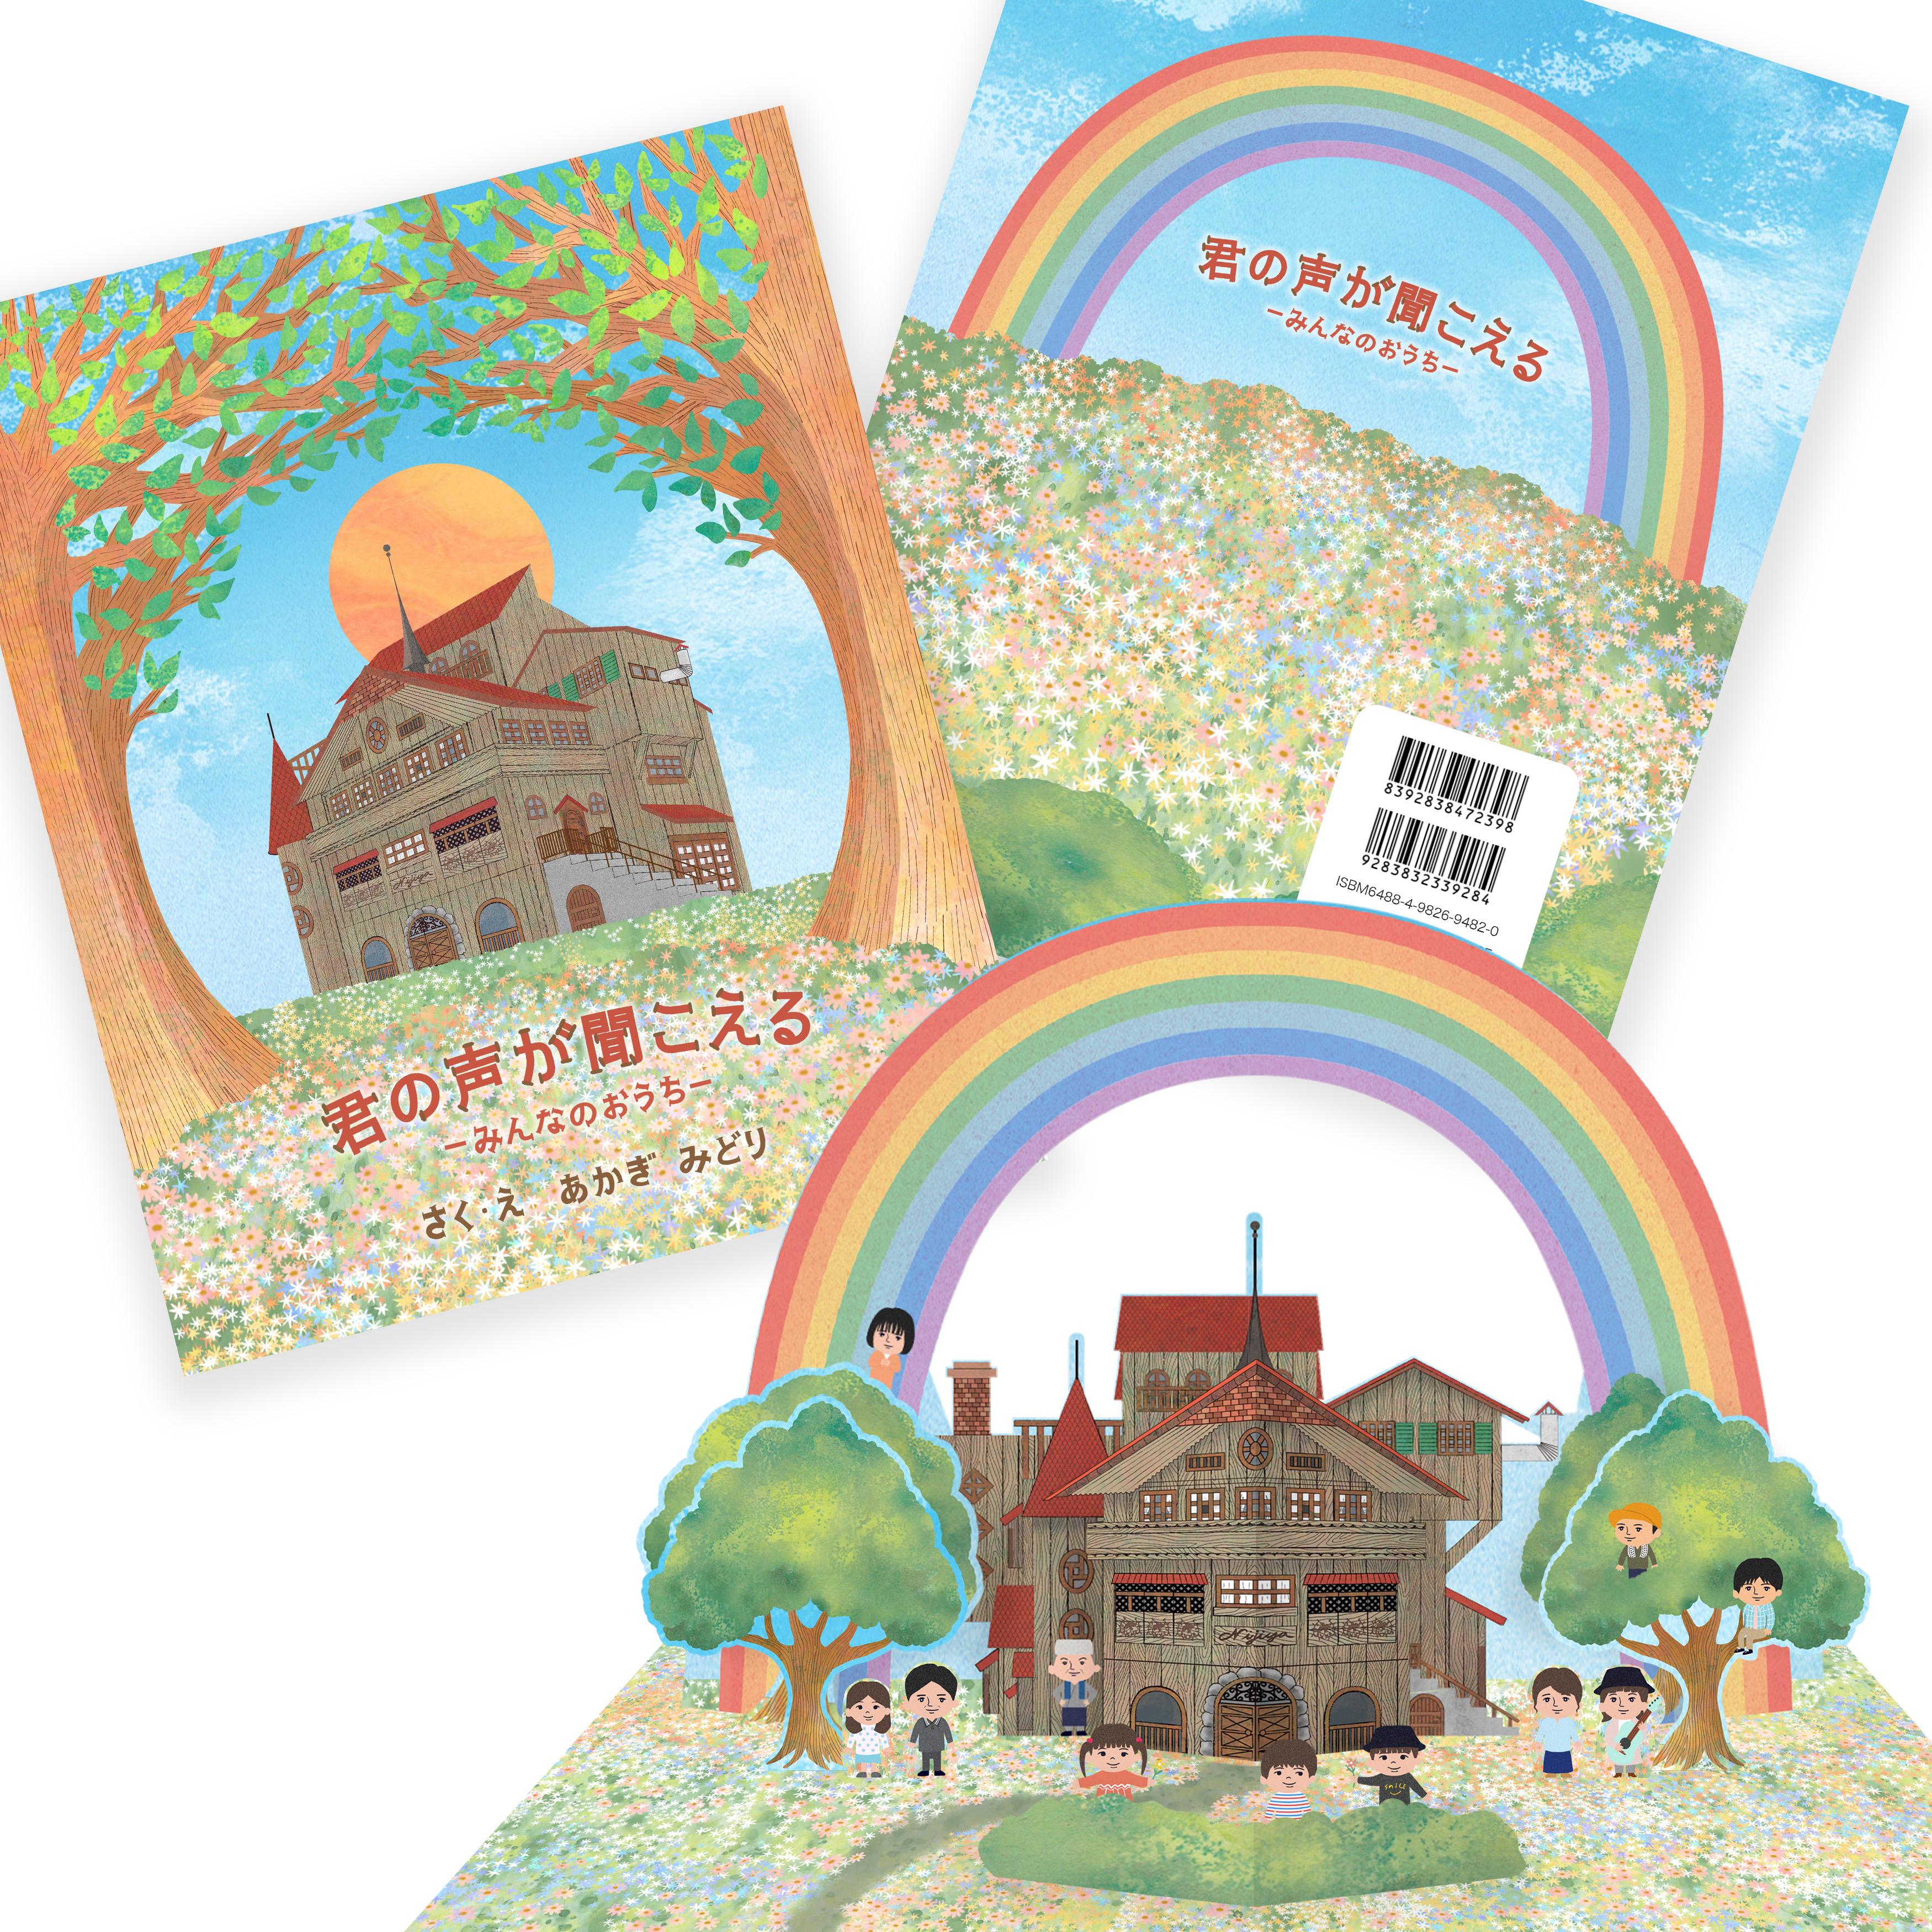 TBSドラマ家族募集します【君の声が聞こえる】絵本制作作者・イラストORIE KAWAMURA